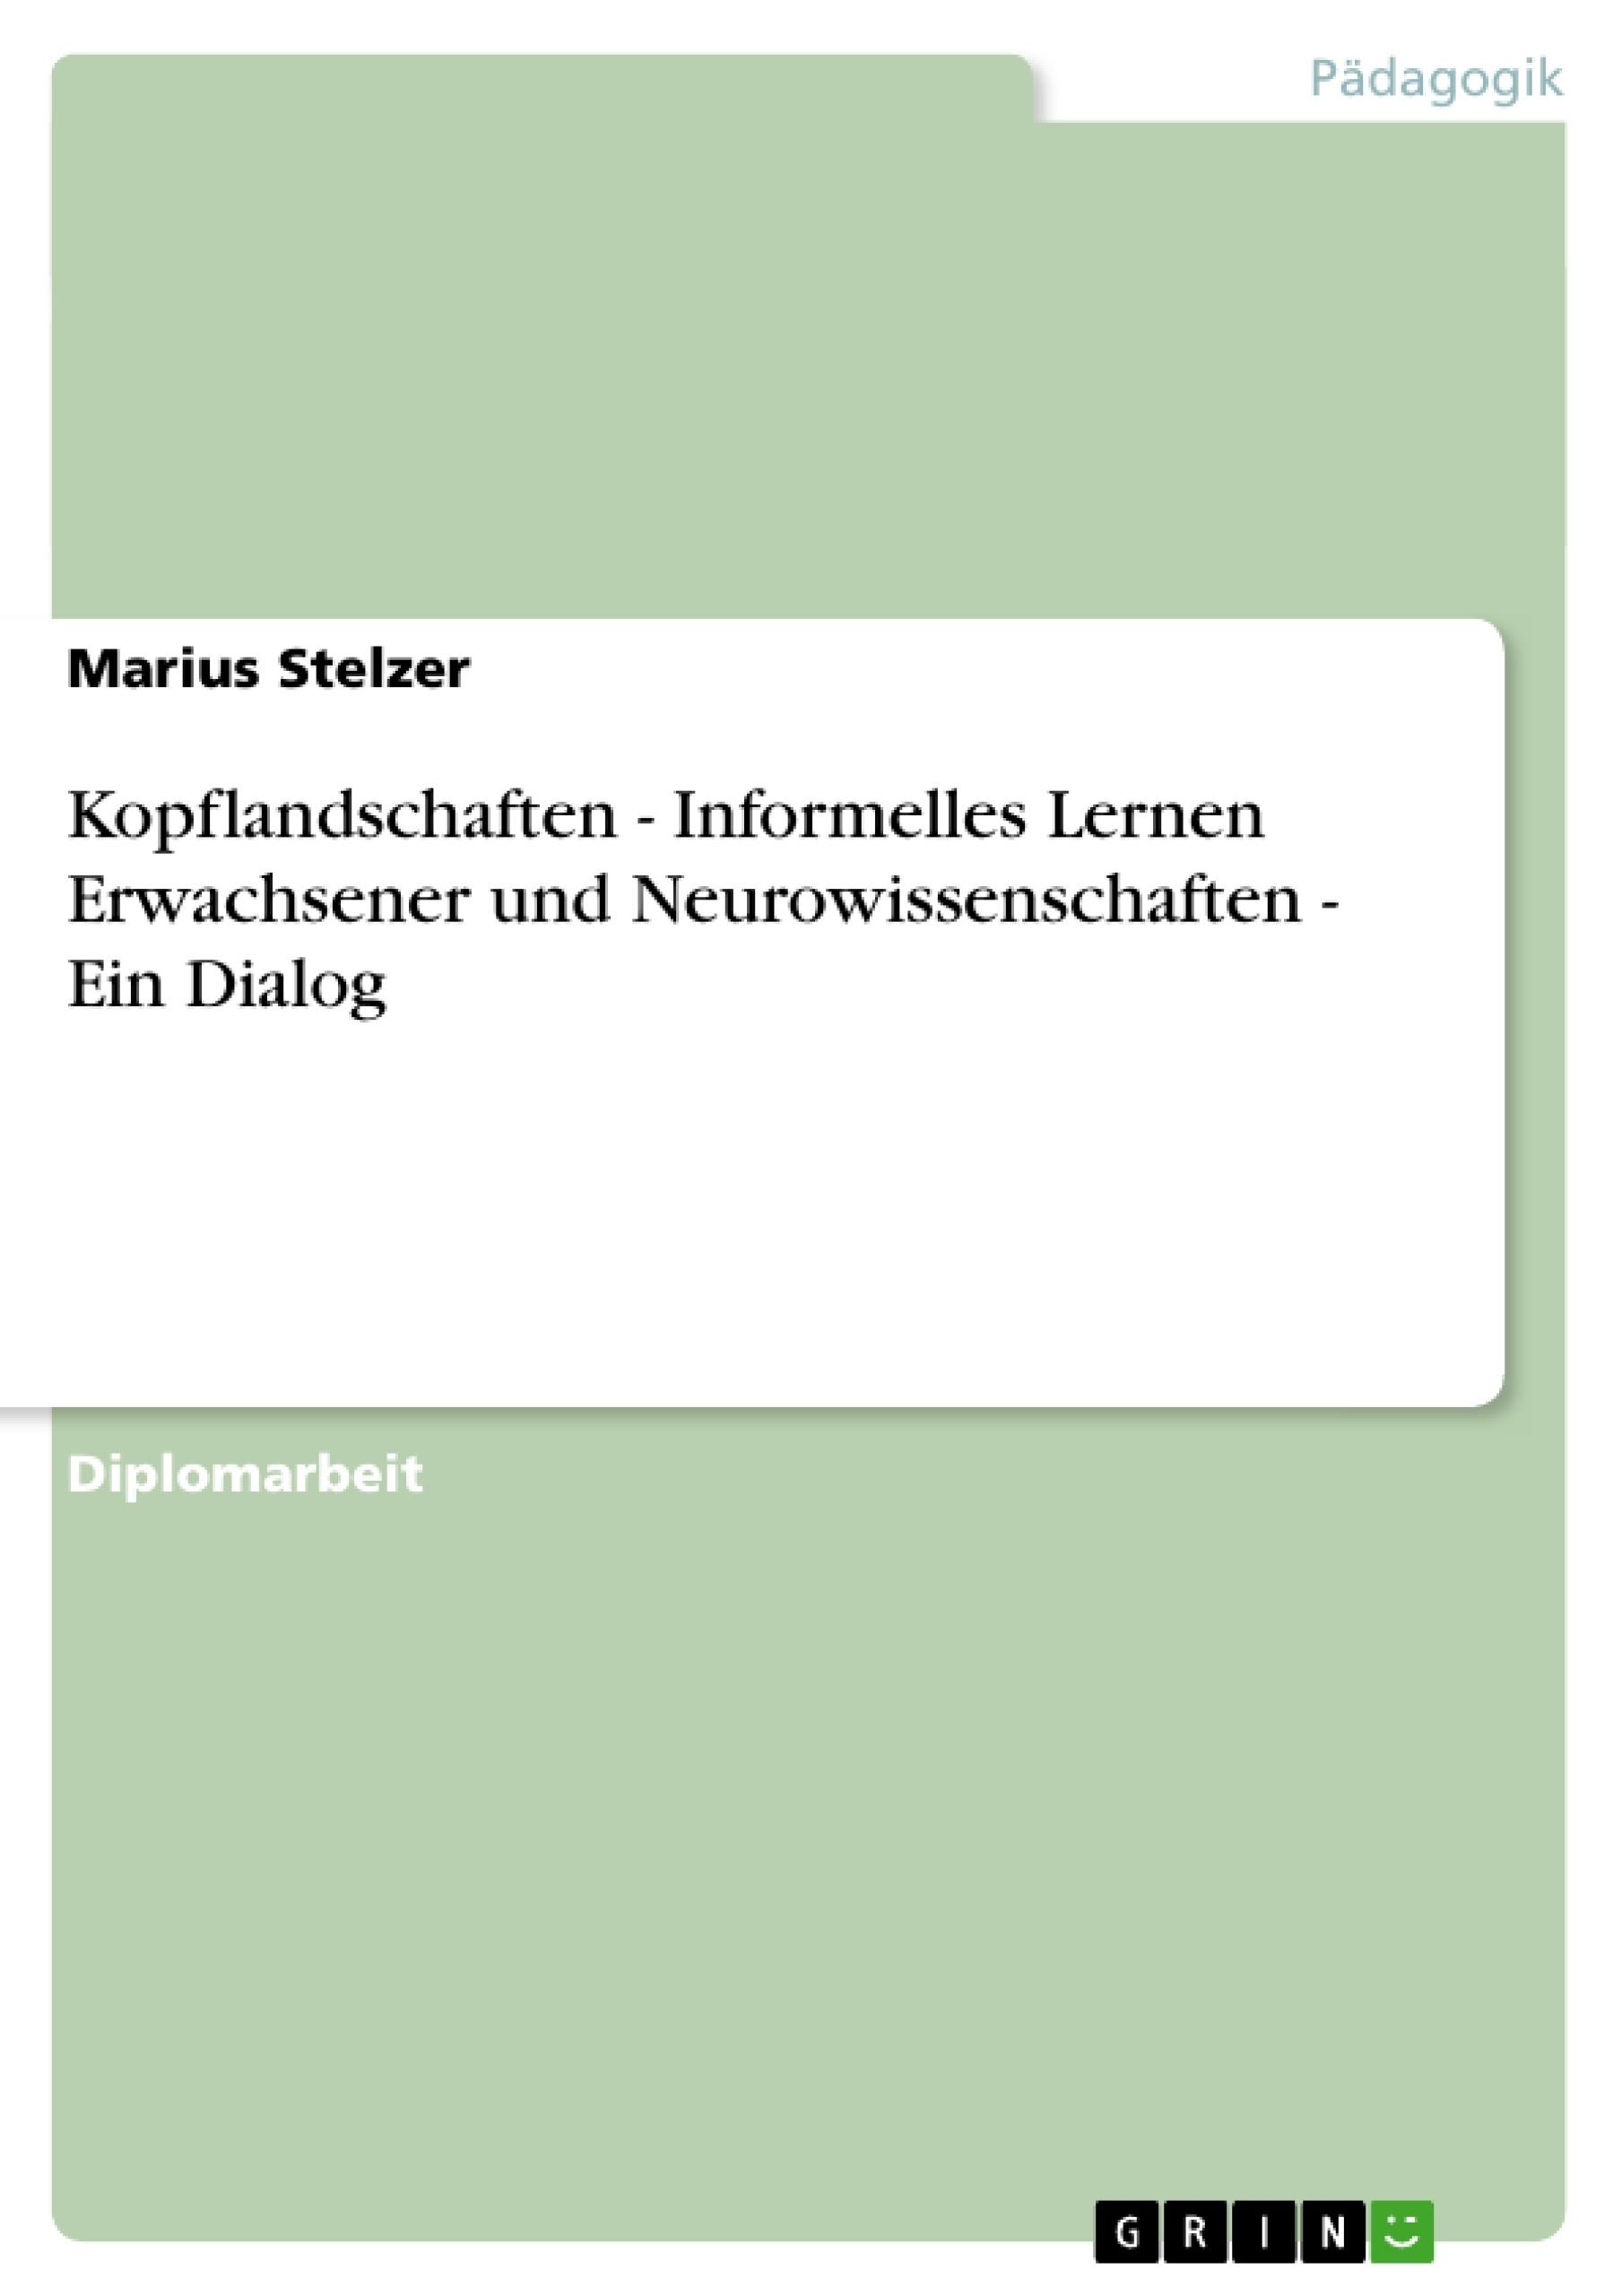 Titel: Kopflandschaften - Informelles Lernen Erwachsener und Neurowissenschaften - Ein Dialog